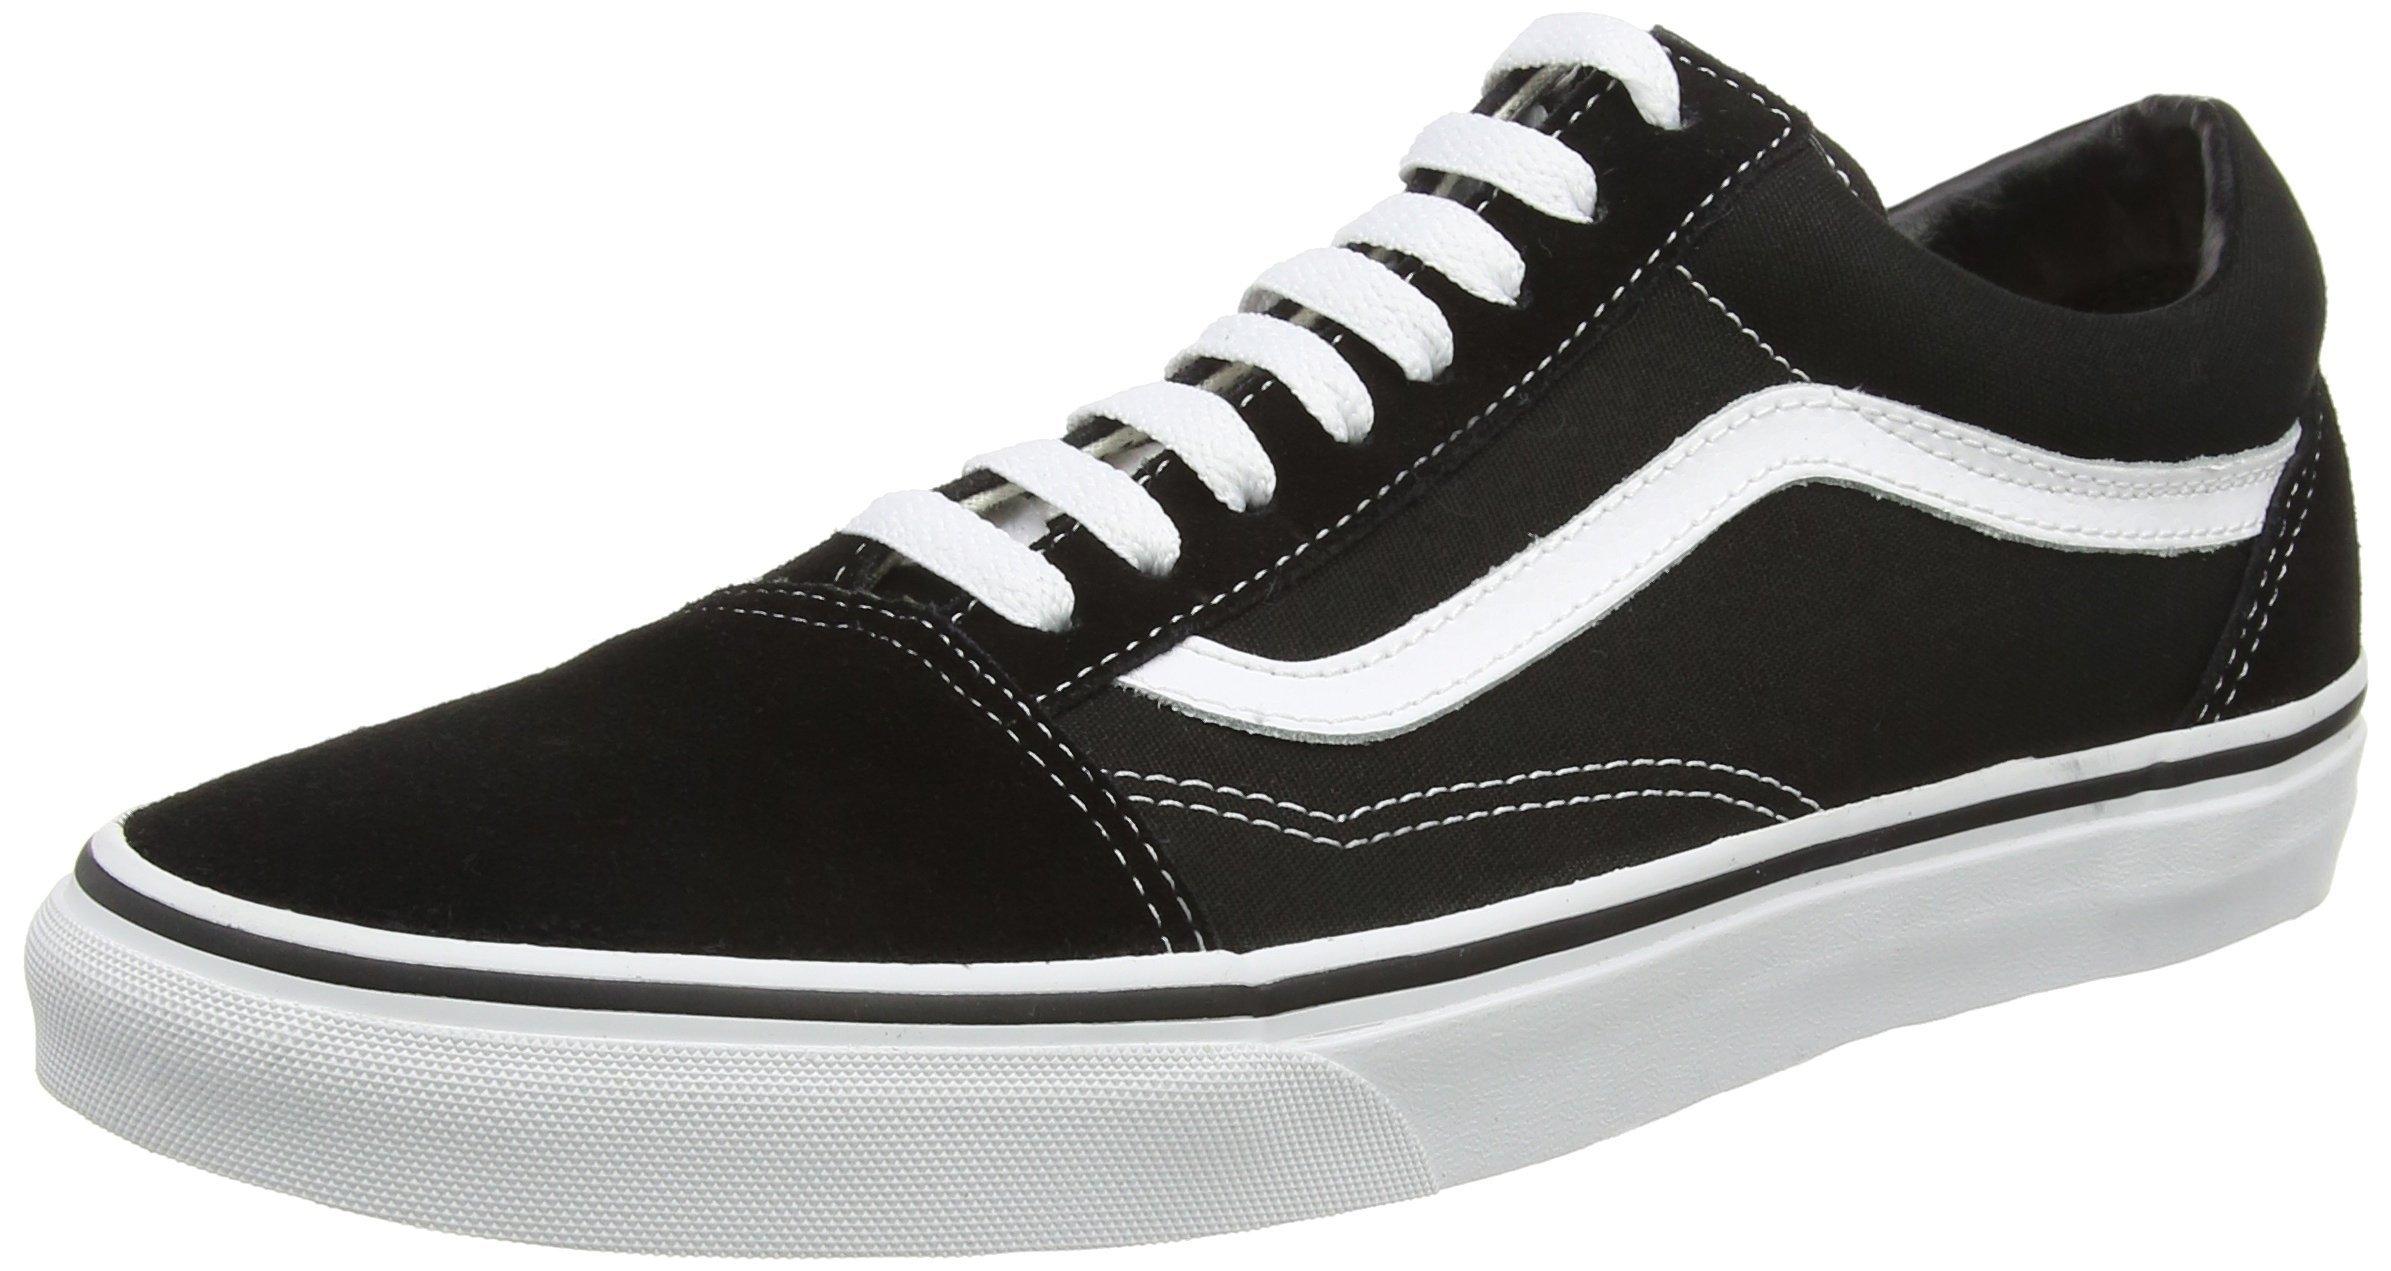 vans skool black white s skate shoes 8